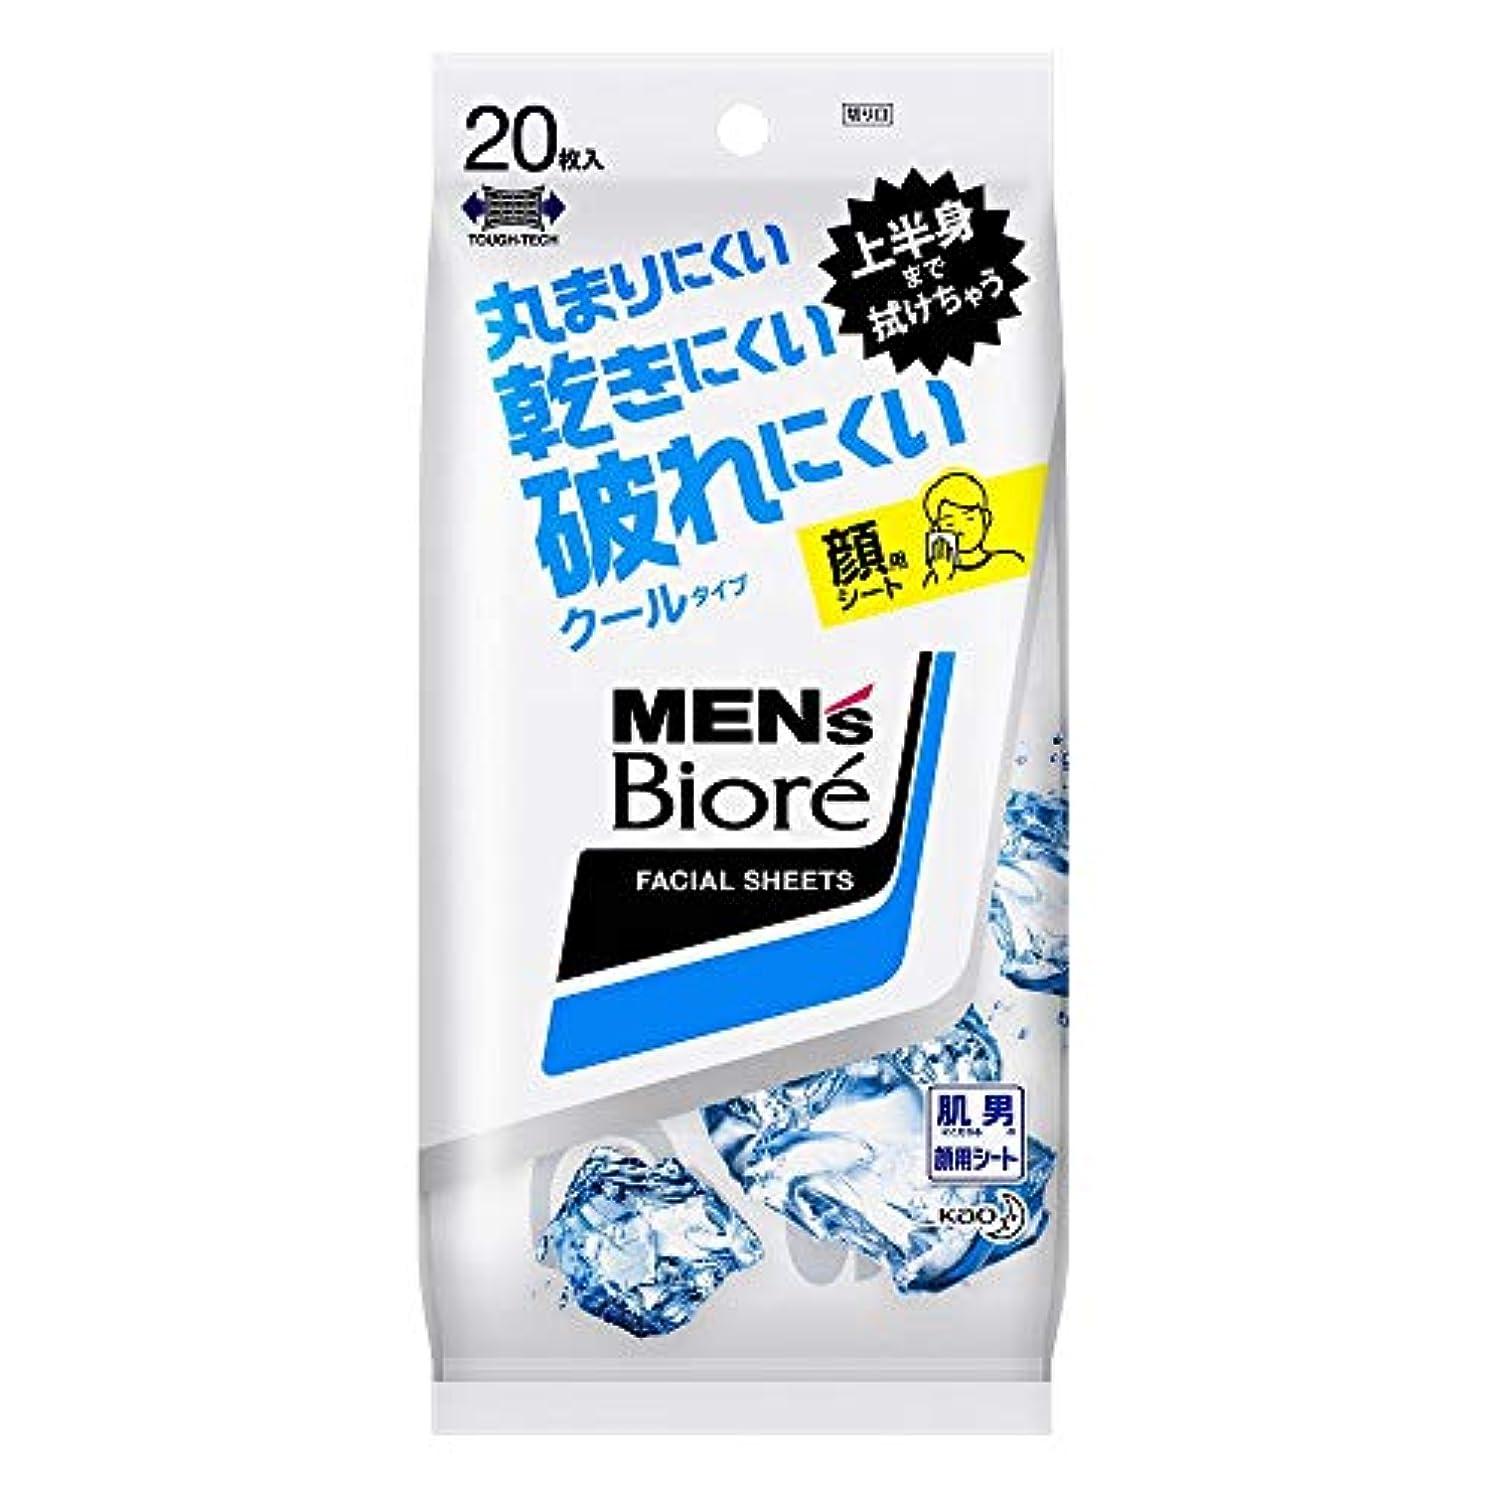 推測するプレート収入花王 メンズビオレ 洗顔シート クール 携帯用 20枚